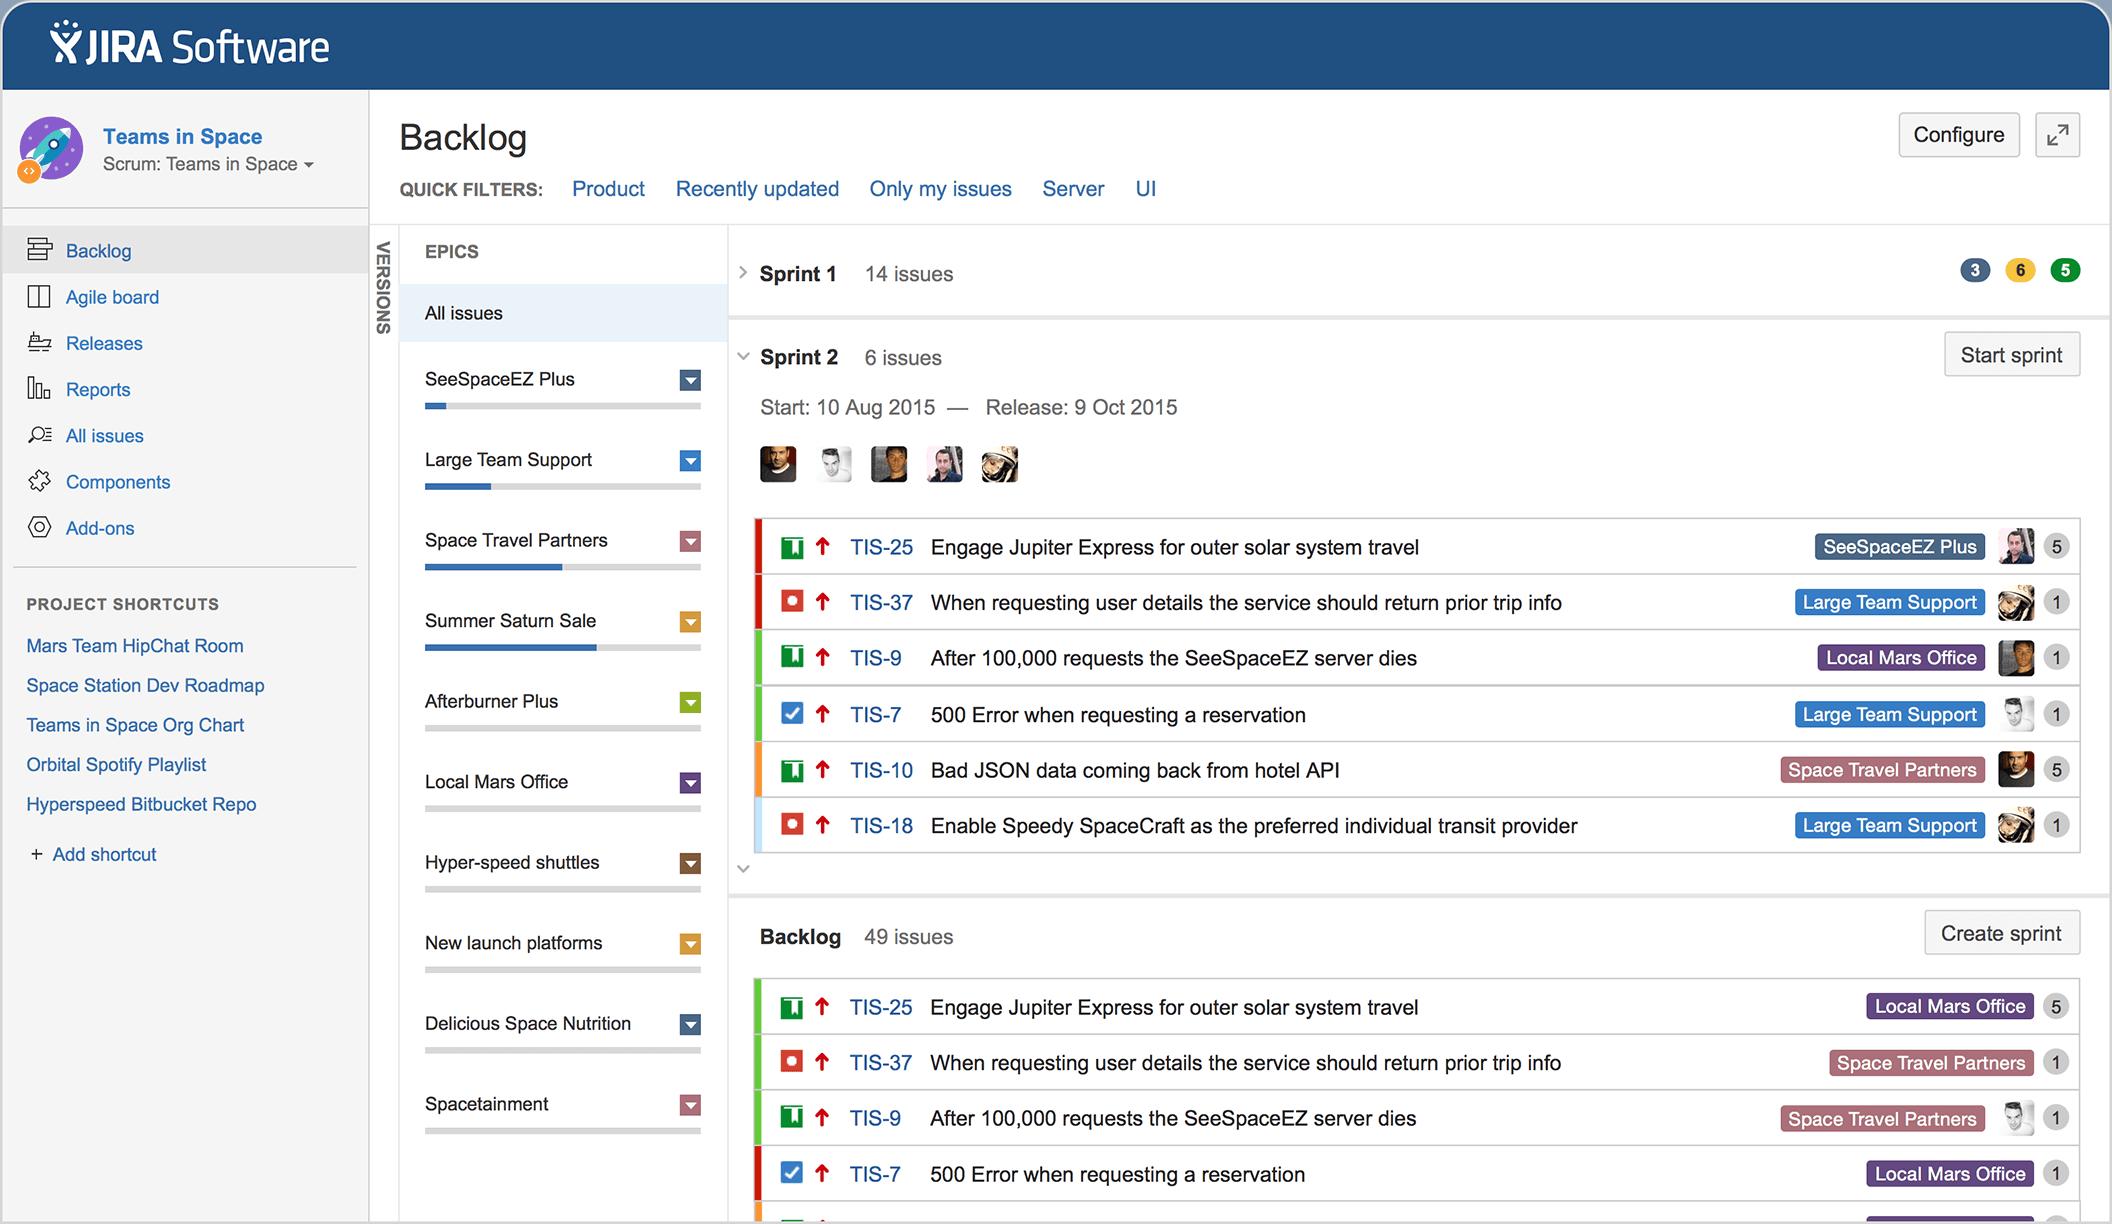 herramienta de gestión de proyectos de software-jira-de planta